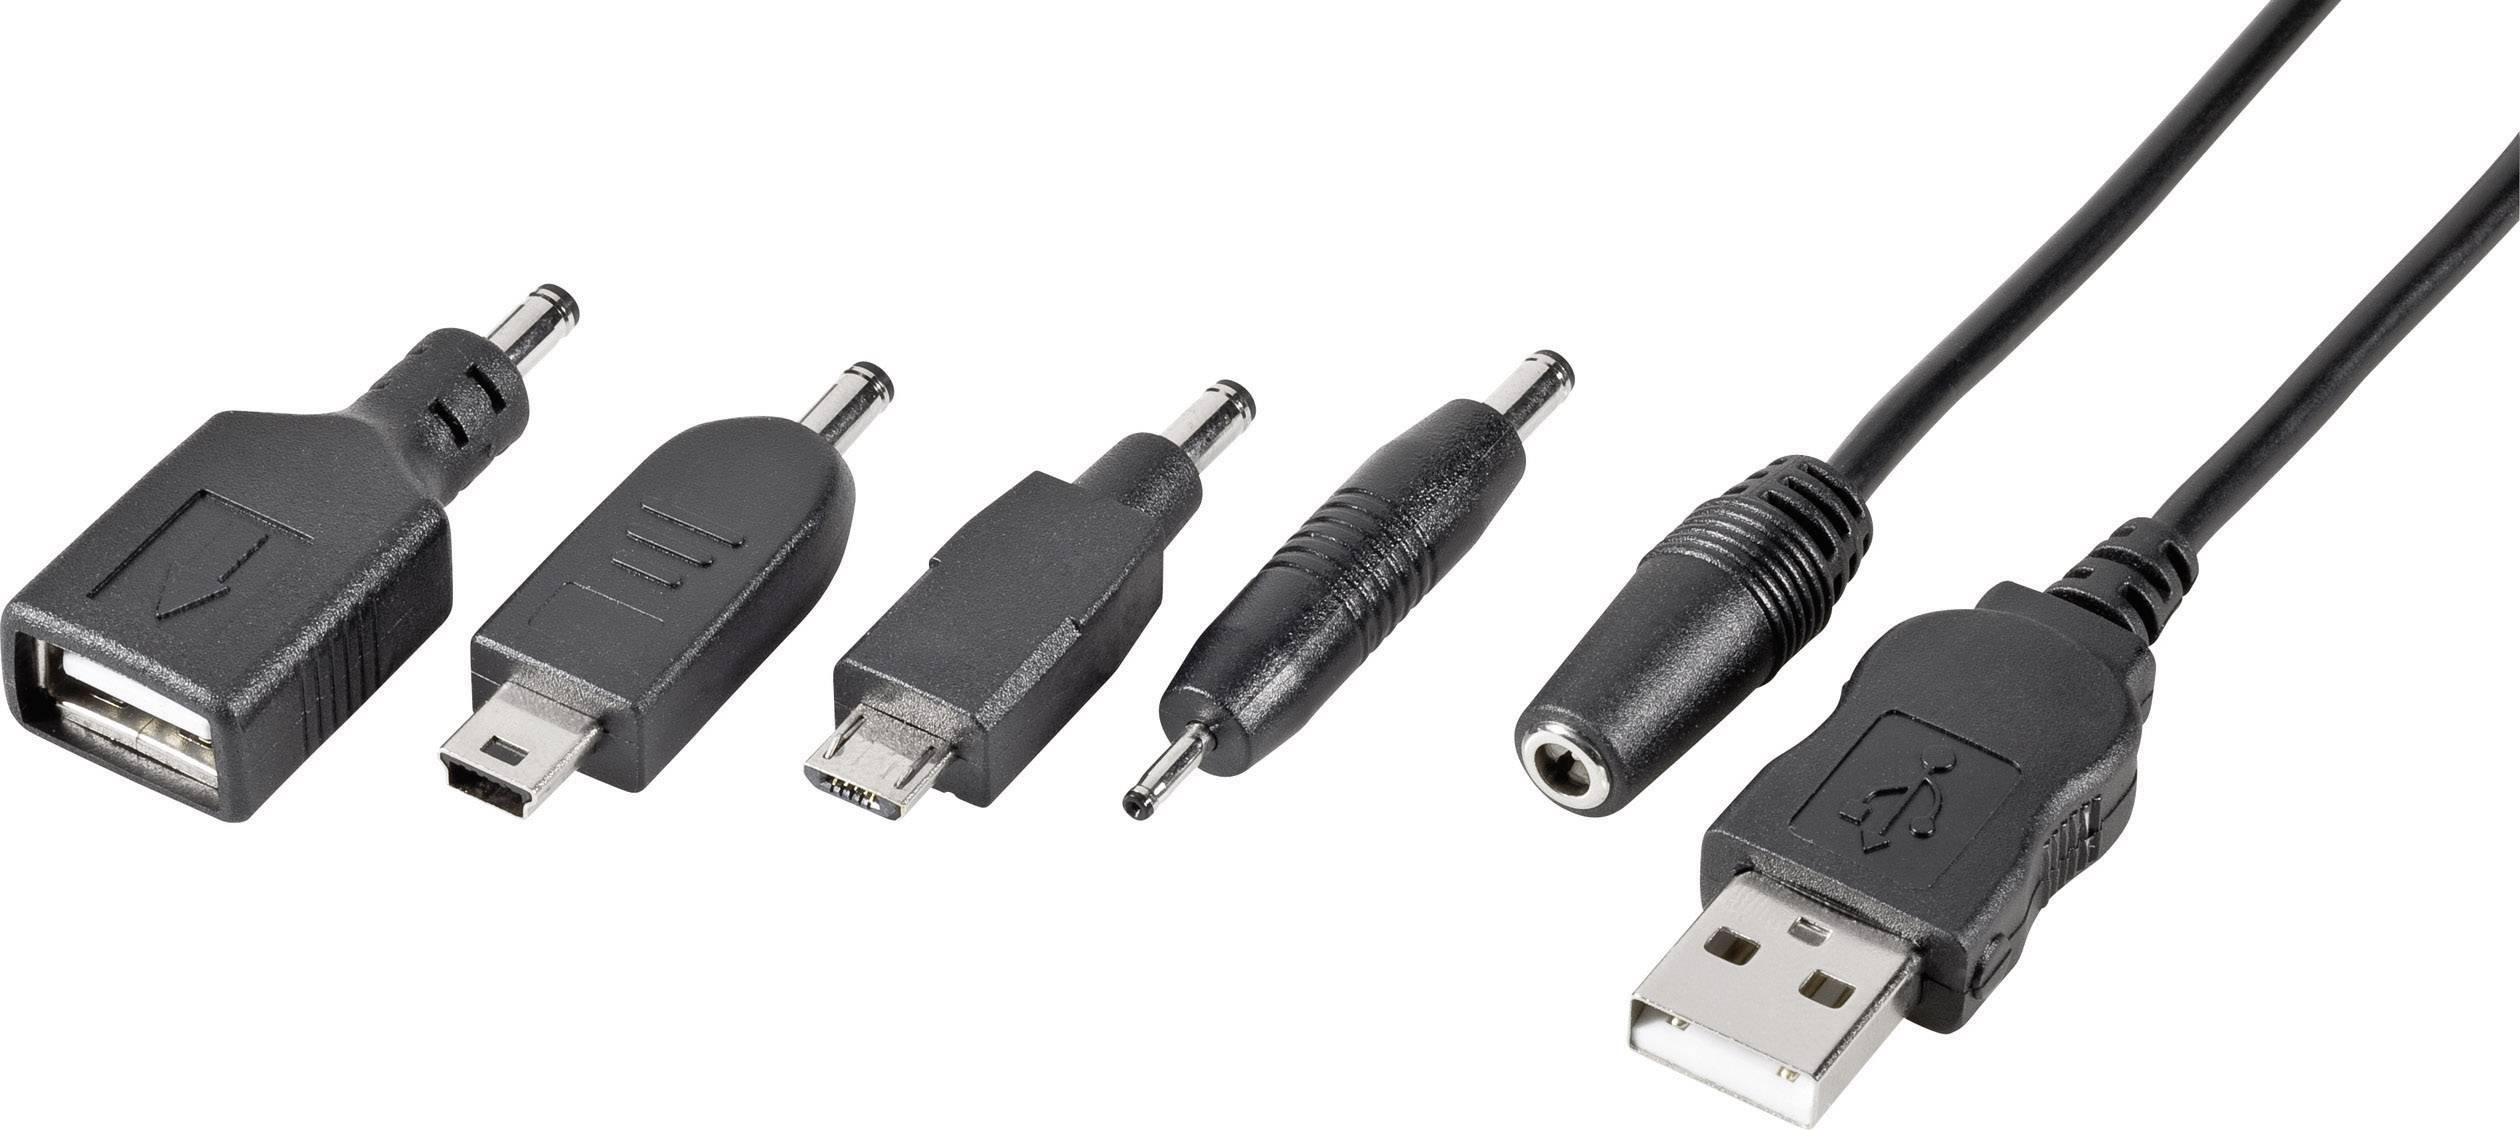 Káblový adaptér pre mobilný telefón VOLTCRAFT DO-55, [1x USB 2.0 zástrčka A - 5x USB 2.0 zásuvka A, mini A USB zástrčka, micro USB zástrčka, Nokia 2 mm konektor], 1 m, čierna